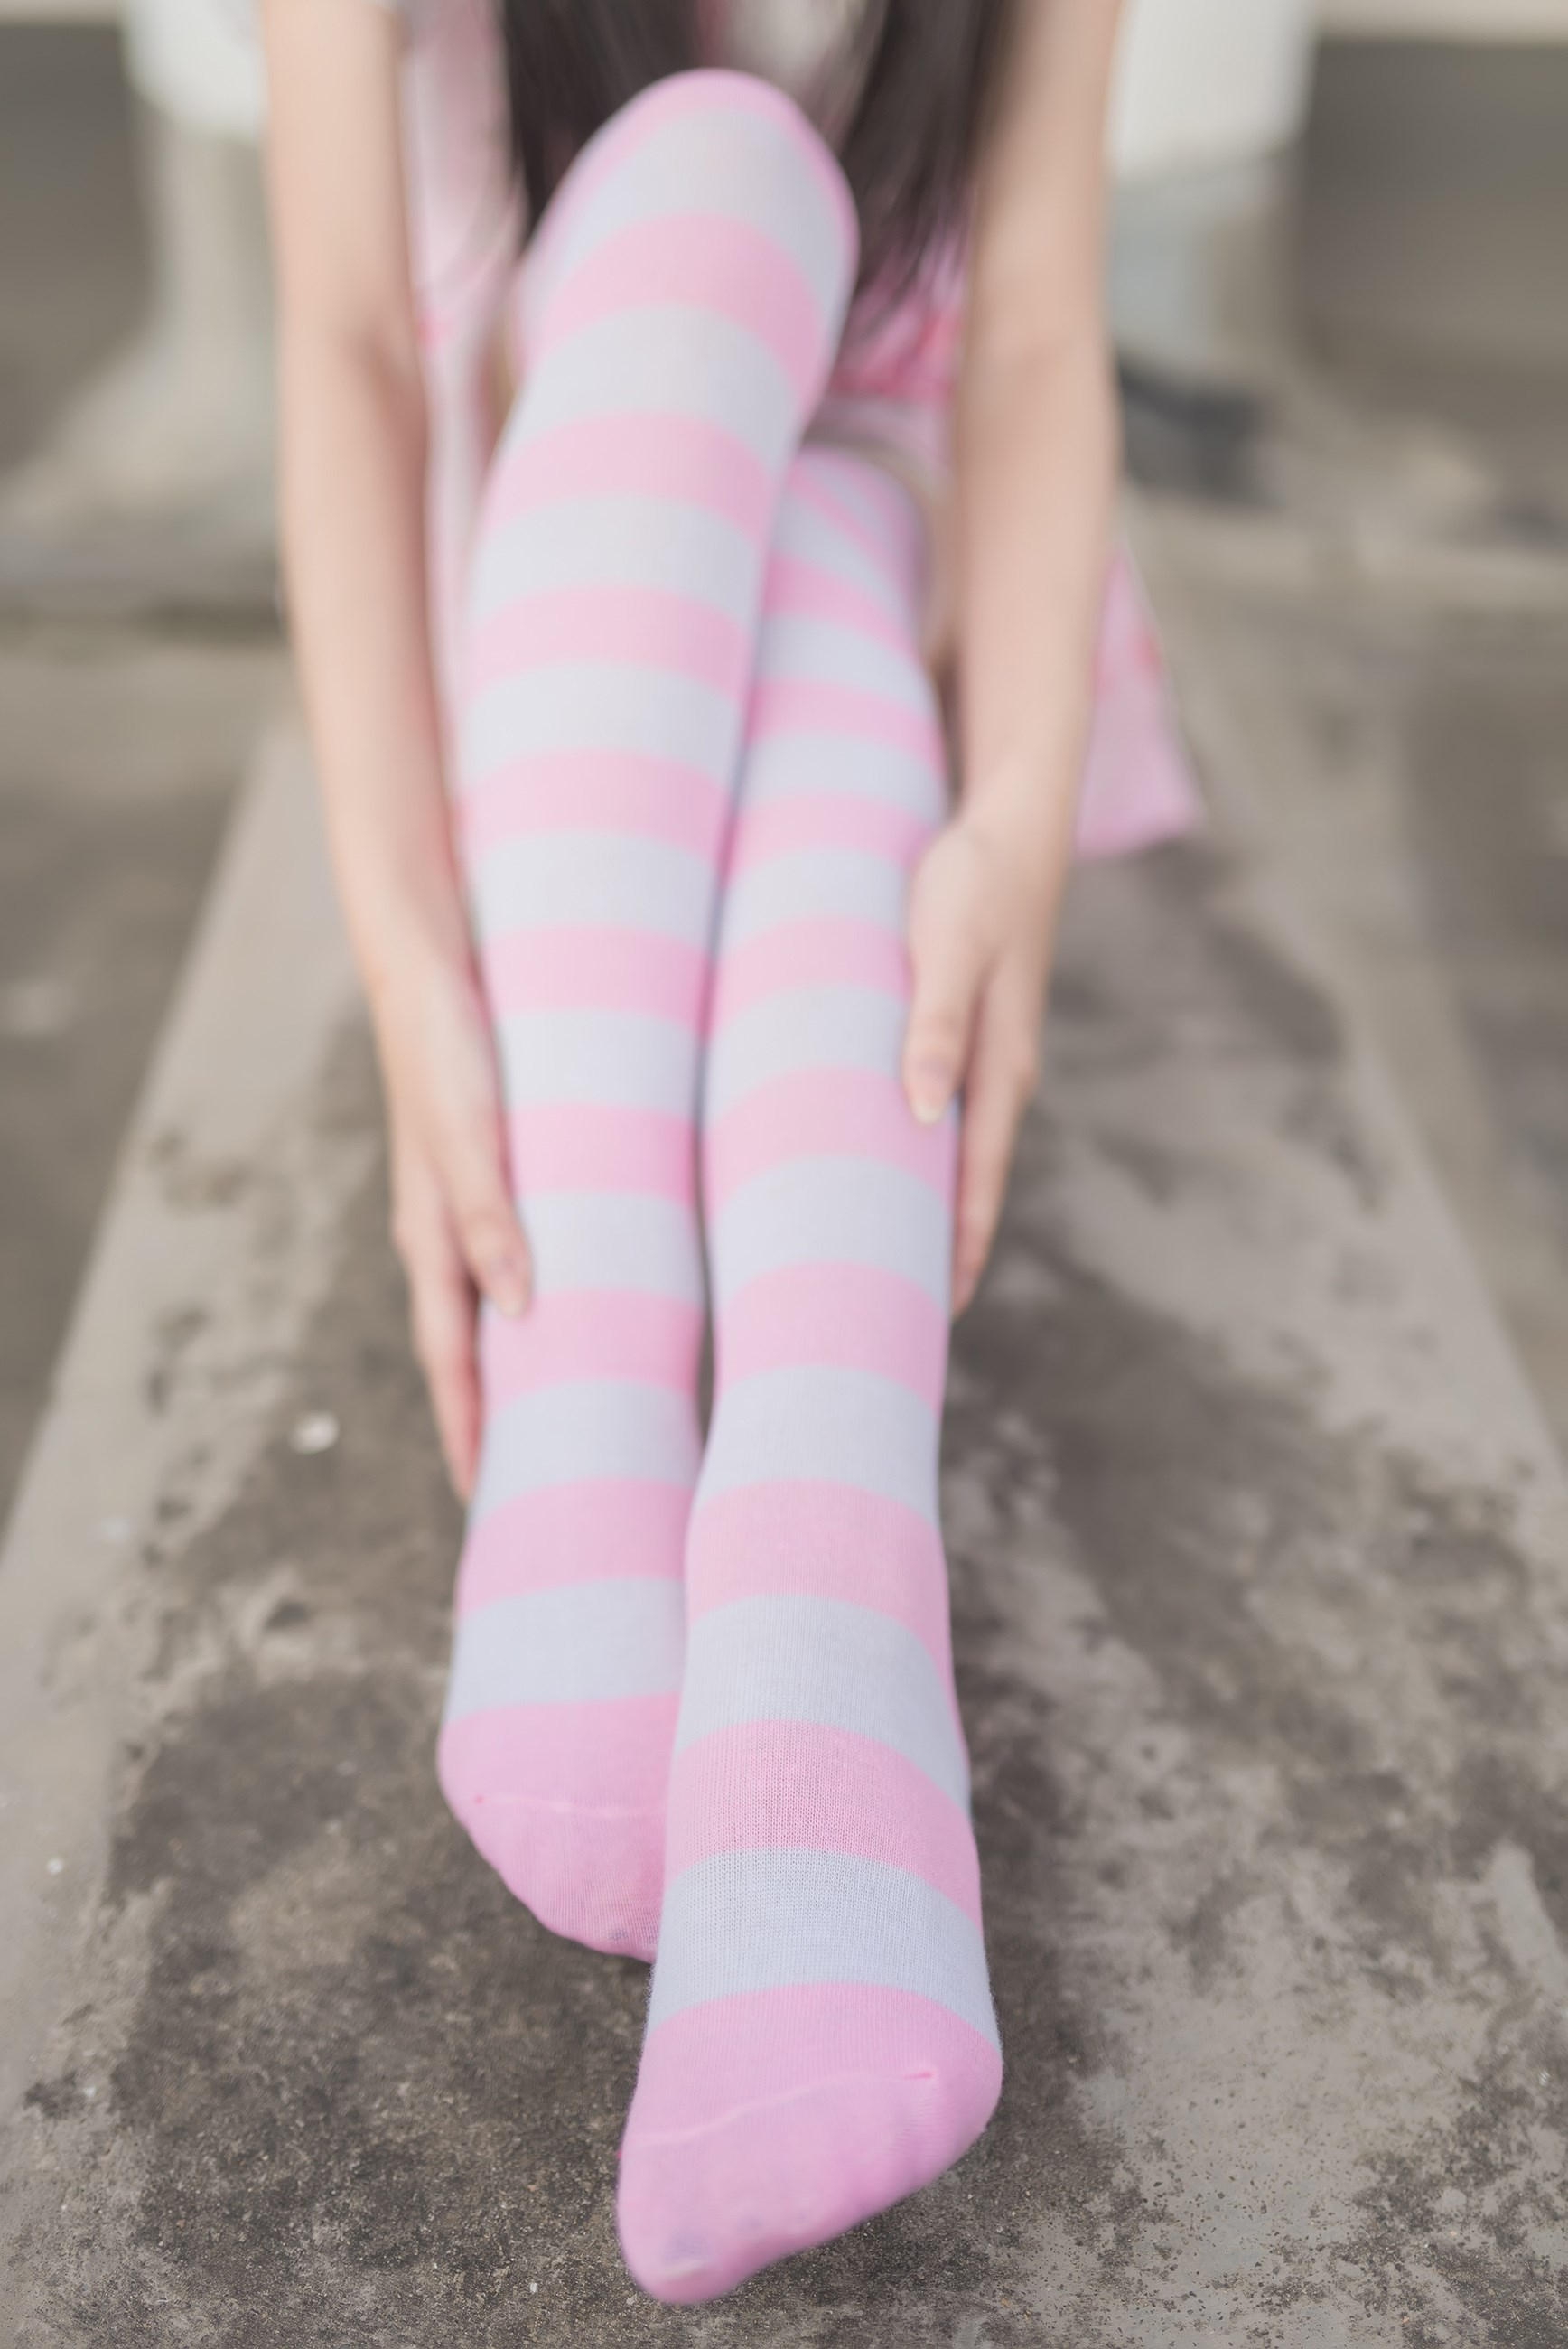 【兔玩映画】粉白条纹 兔玩映画 第20张